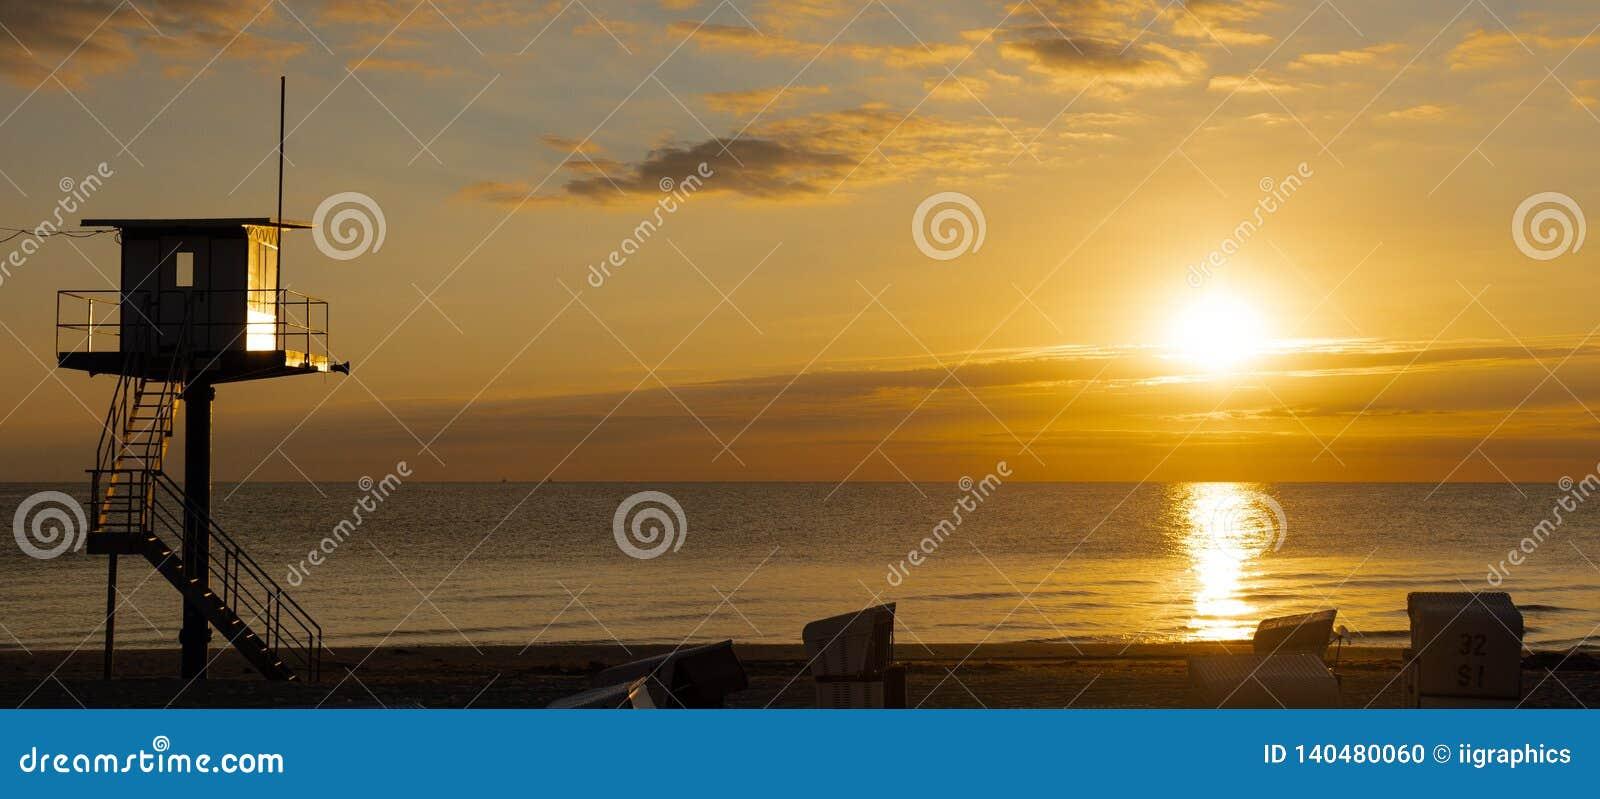 Reddingstoren - Oostzee - Usedom-Eiland